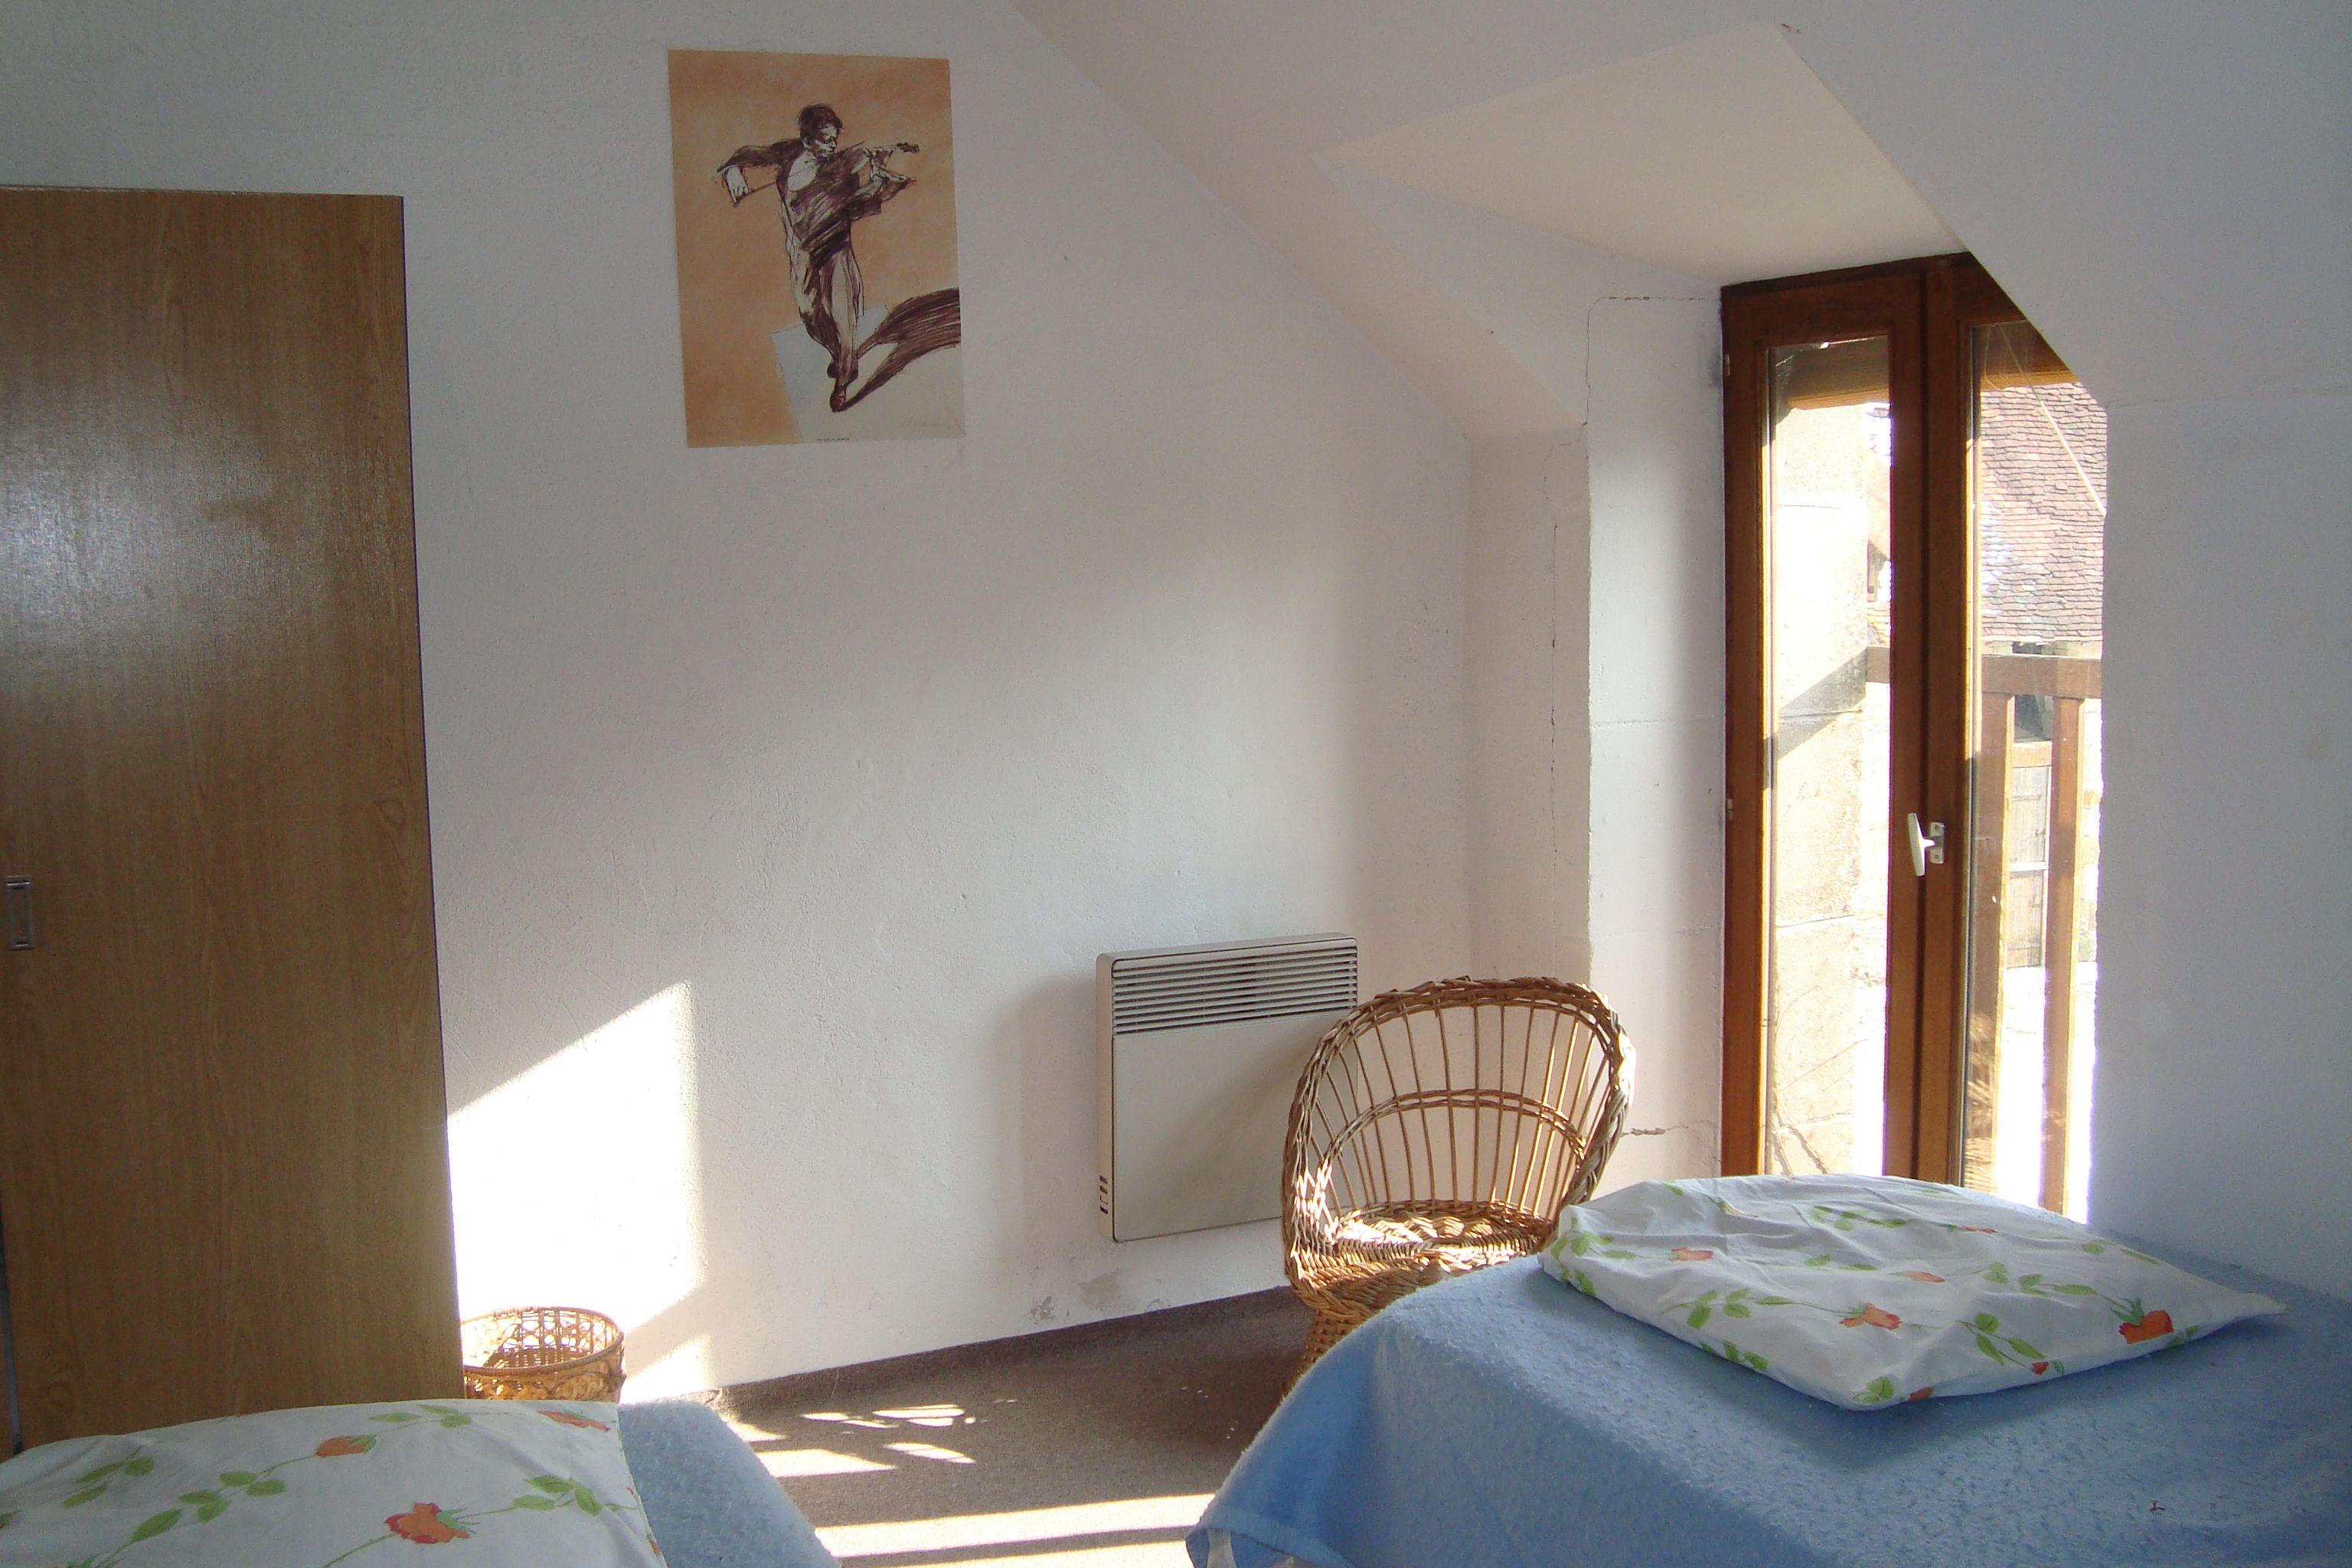 Chambre Colas, 2 lits jumeaux, porte-fenêtre balustrade donnant sur le jardin du gîte, une étagère encadrant les lits et une armoire